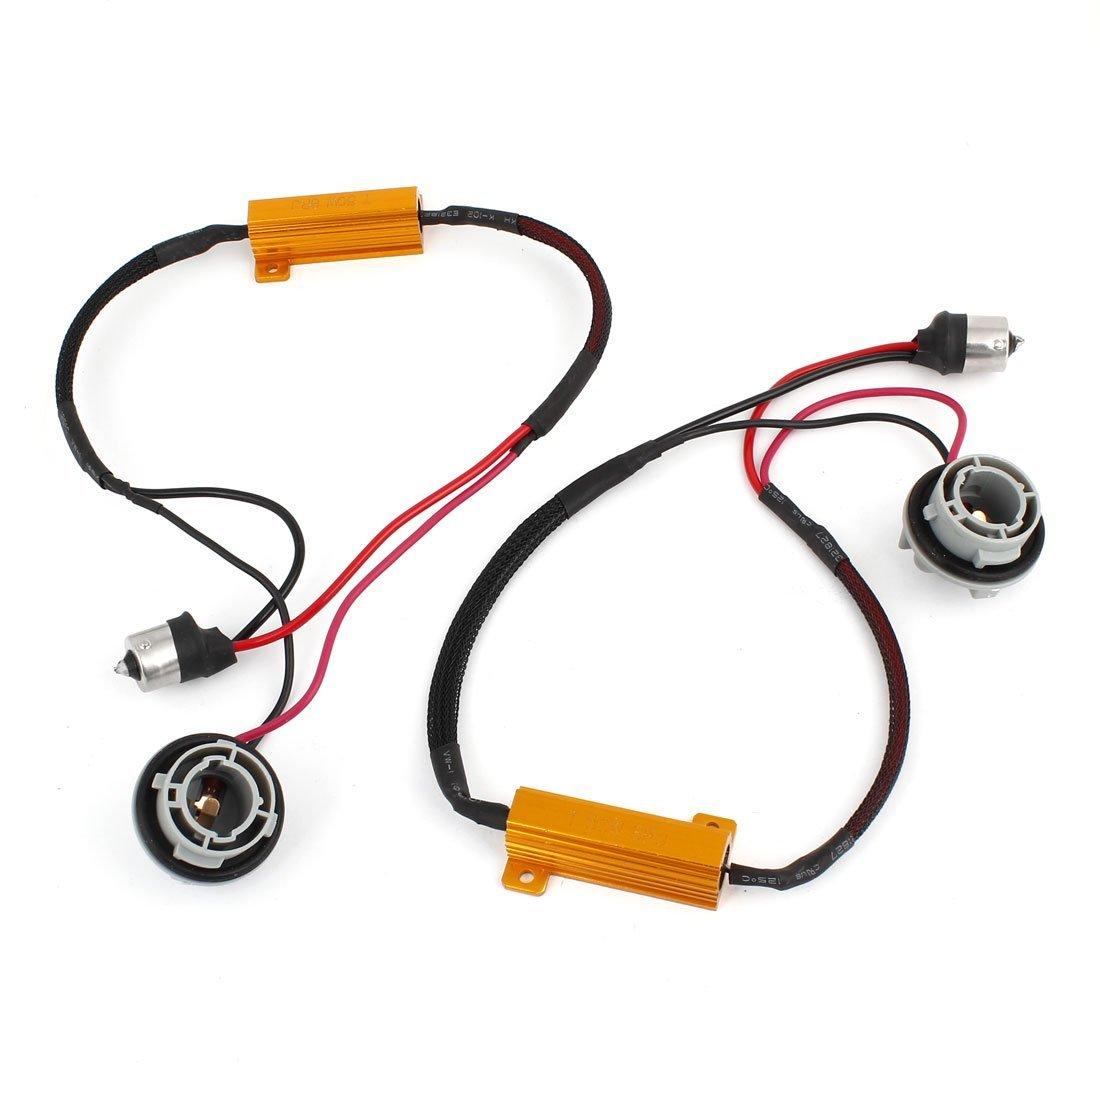 2 Pcs 1156 Led Light Canbus 50w 8ohm Load Resistor